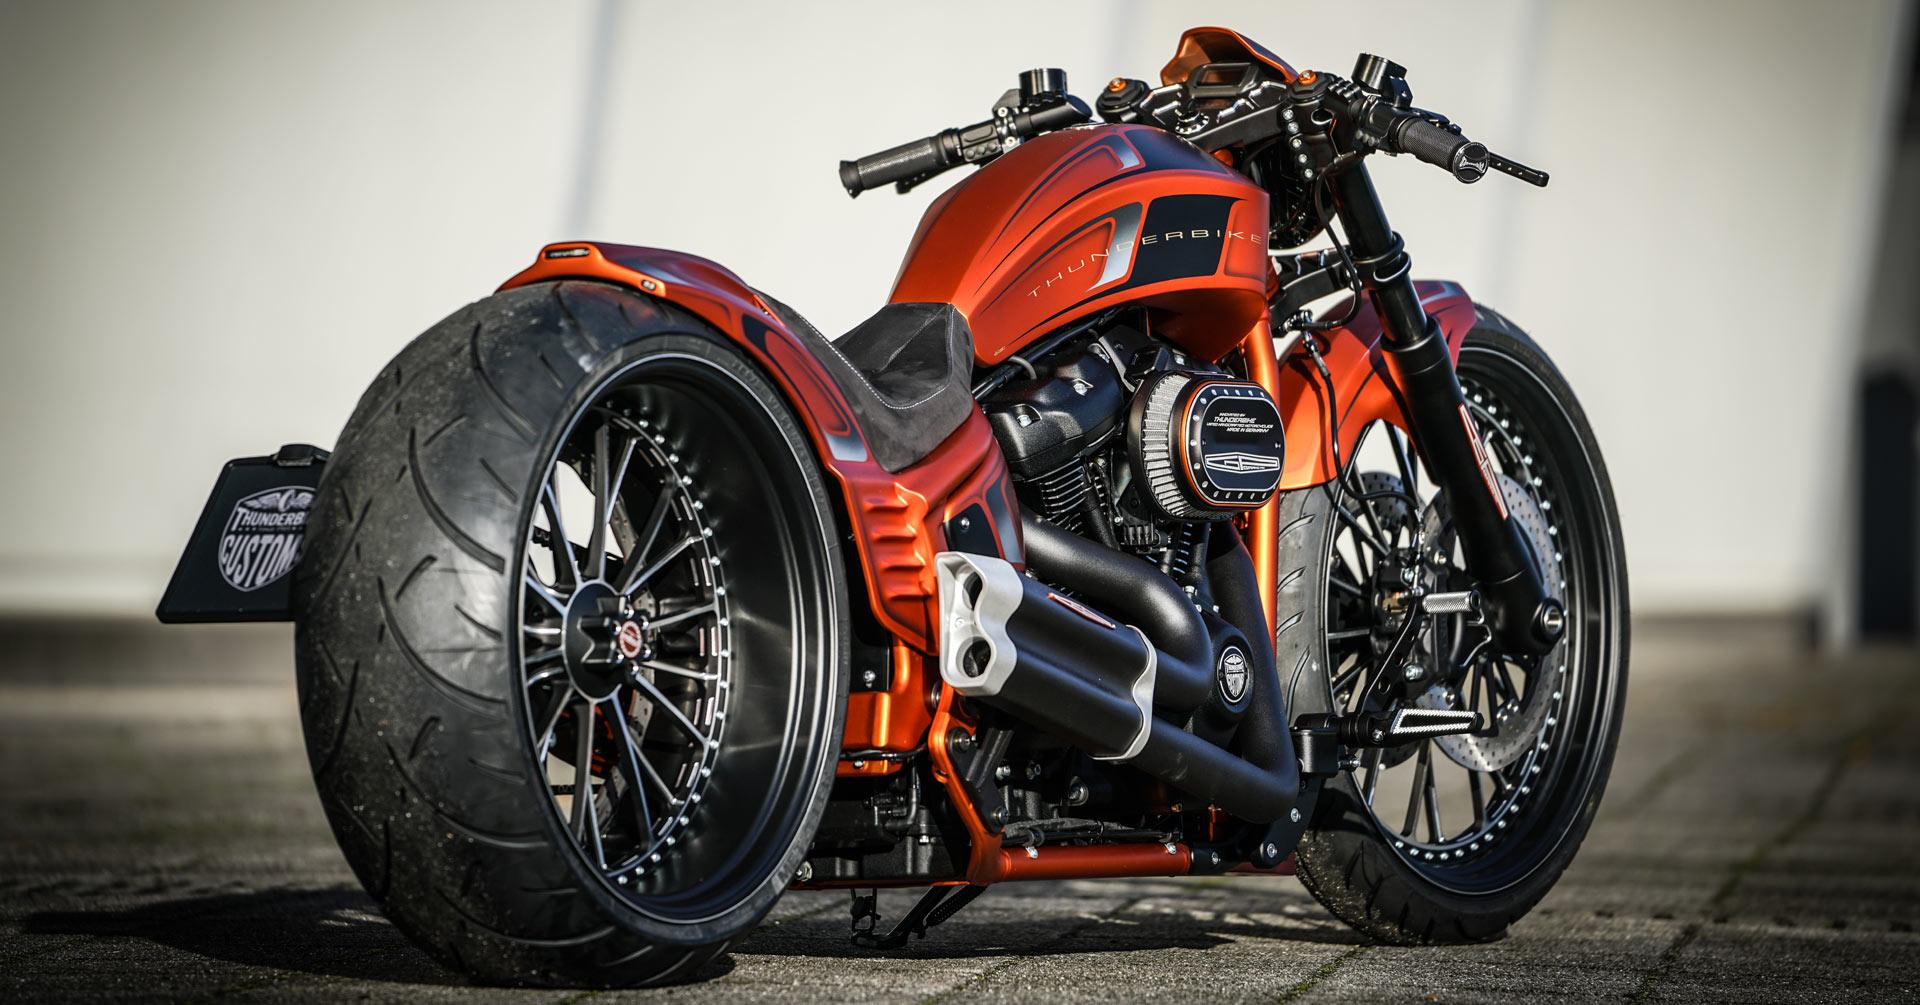 Harley Davidson Softail Umbauten Bei Thunderbike Customs